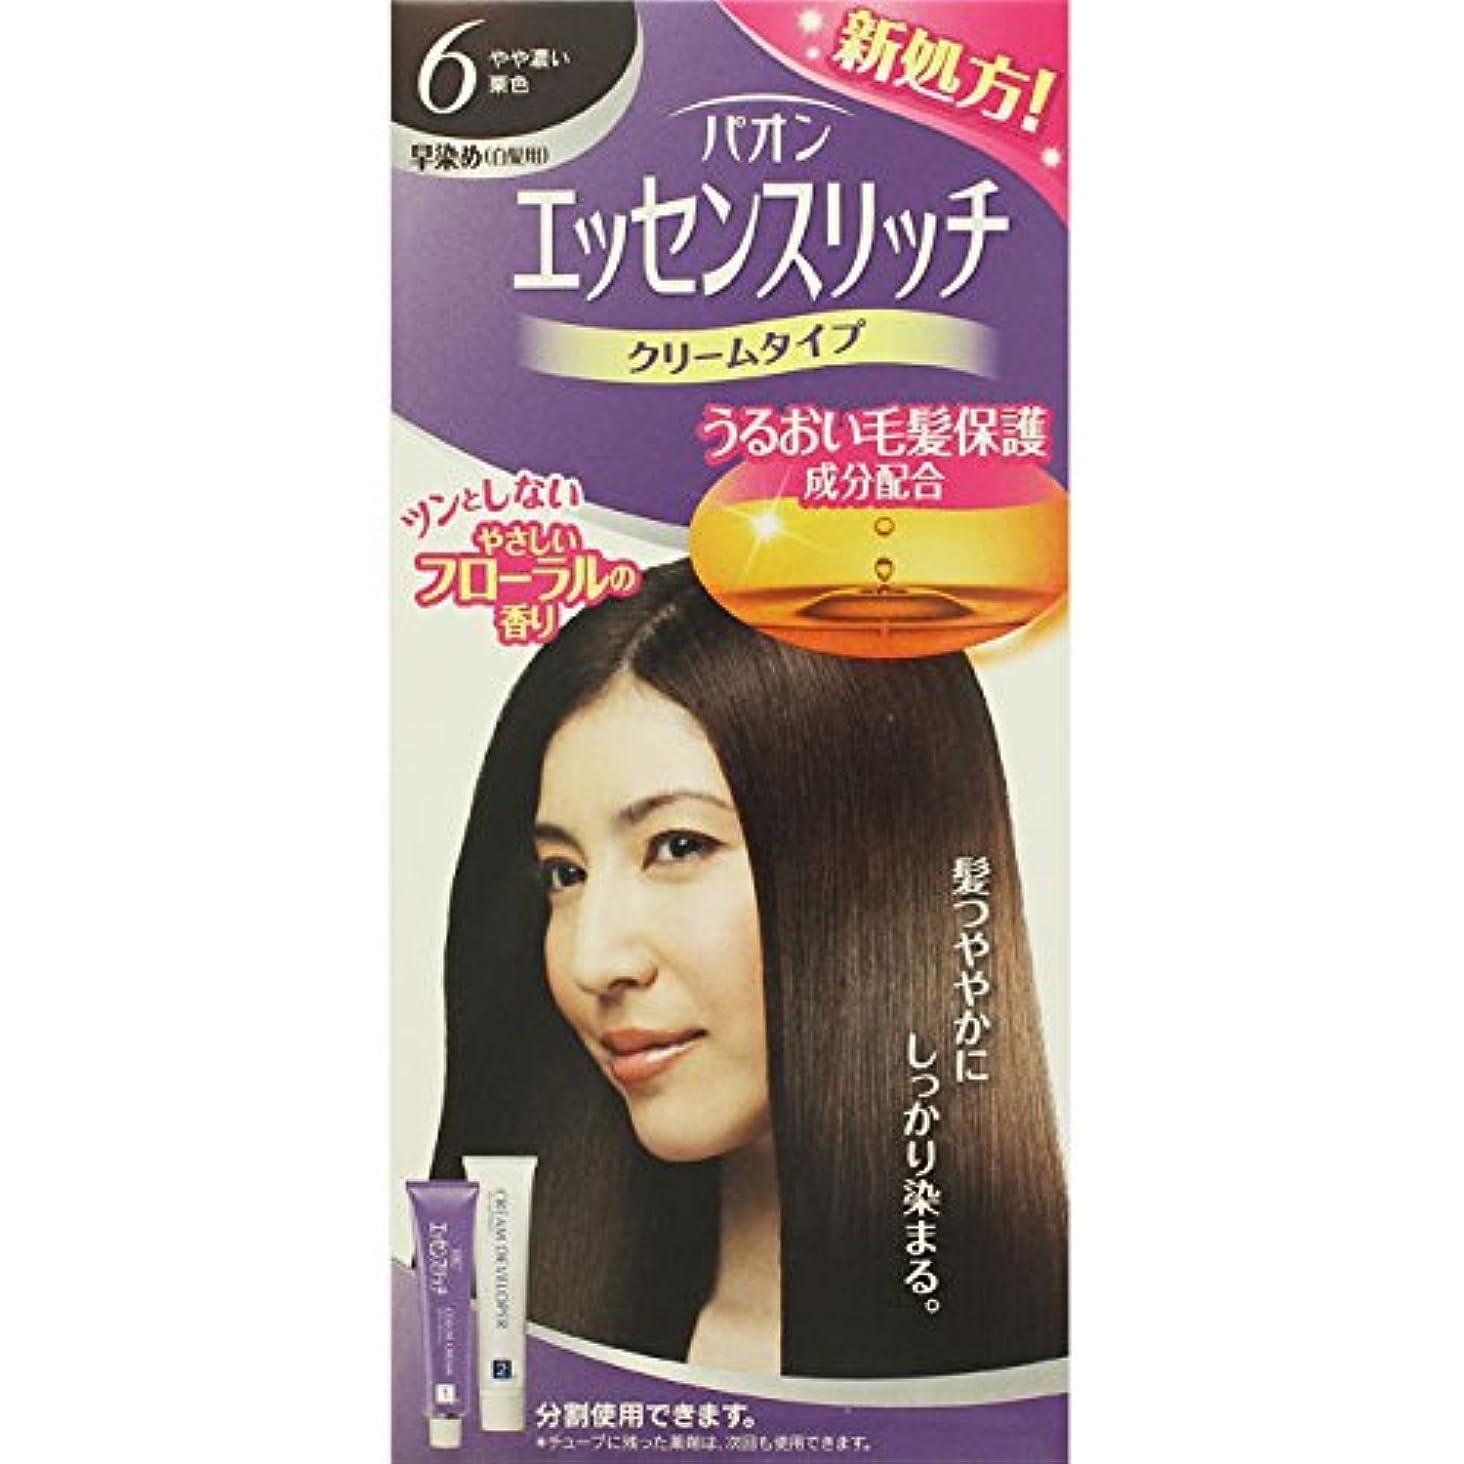 有名な寄生虫熟すヘンケルライオンコスメティックス パオン エッセンスリッチ クリームタイプ 6 やや濃い栗色 40g+40g (医薬部外品)